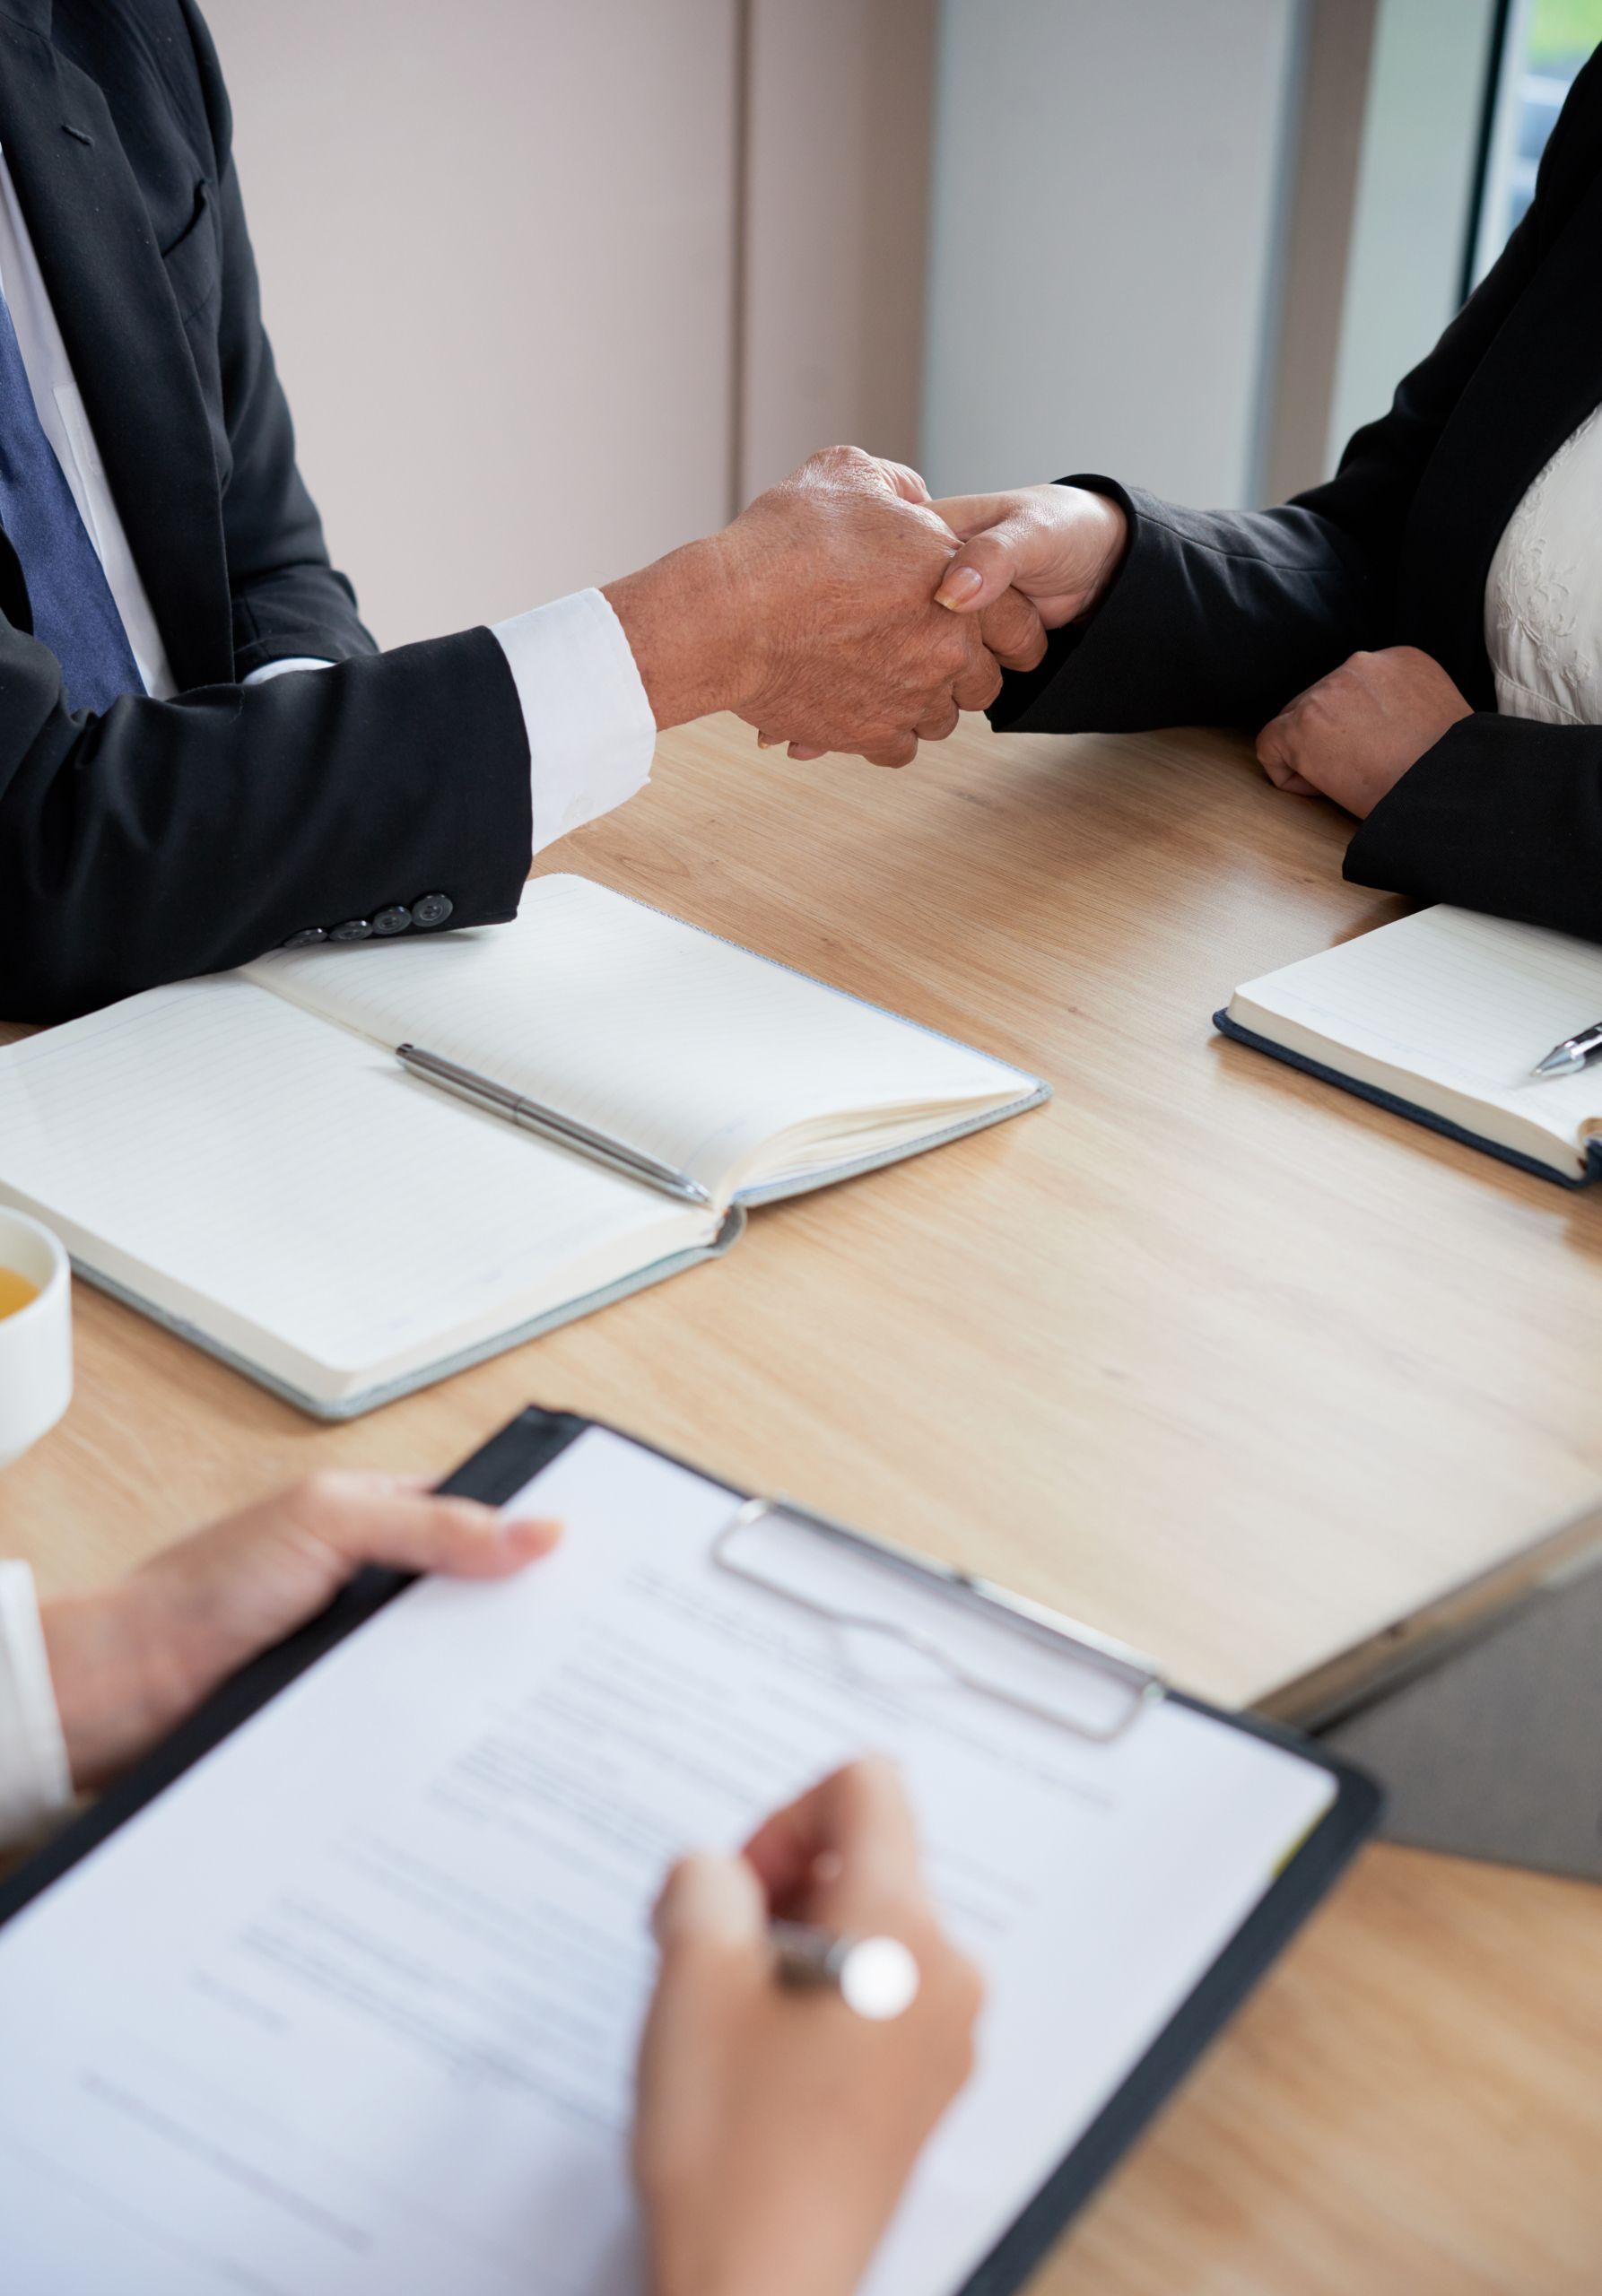 handshake during meeting